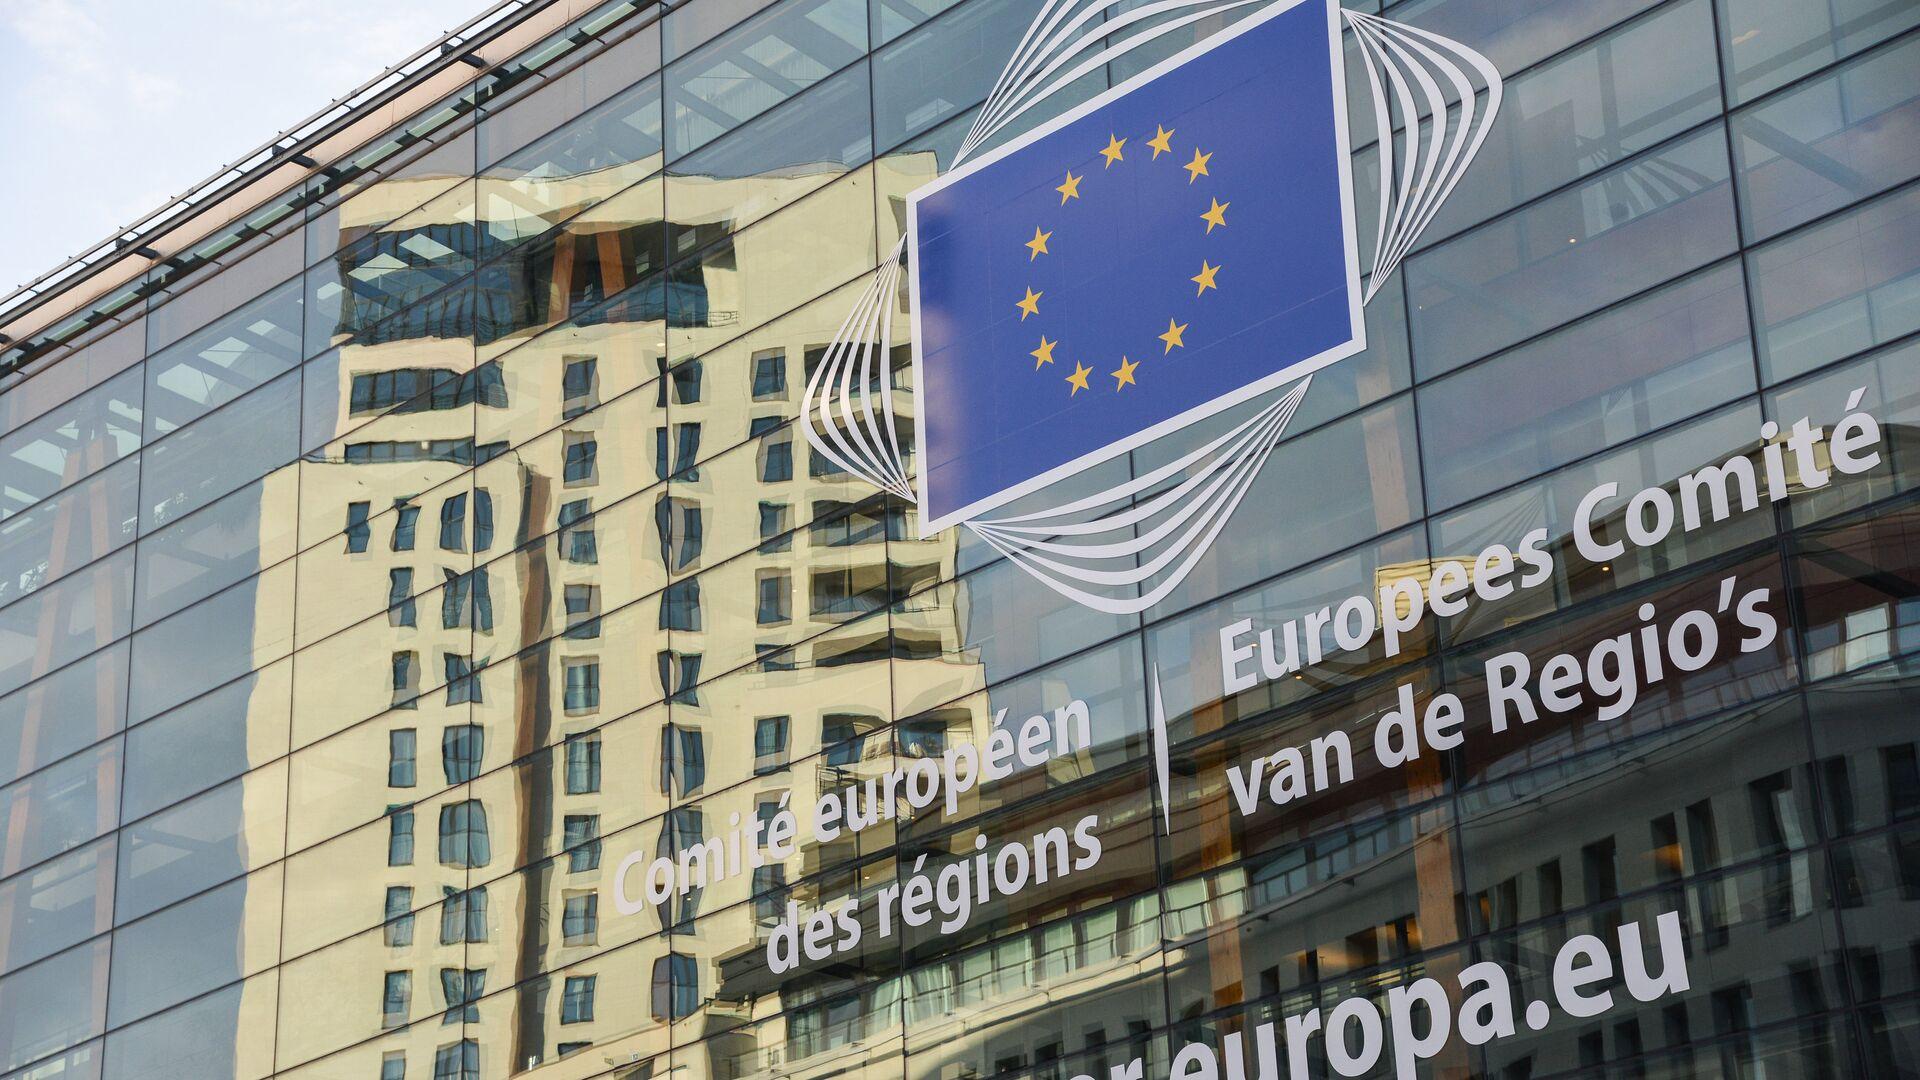 Le siège de la Commission européenne - Sputnik France, 1920, 30.08.2021